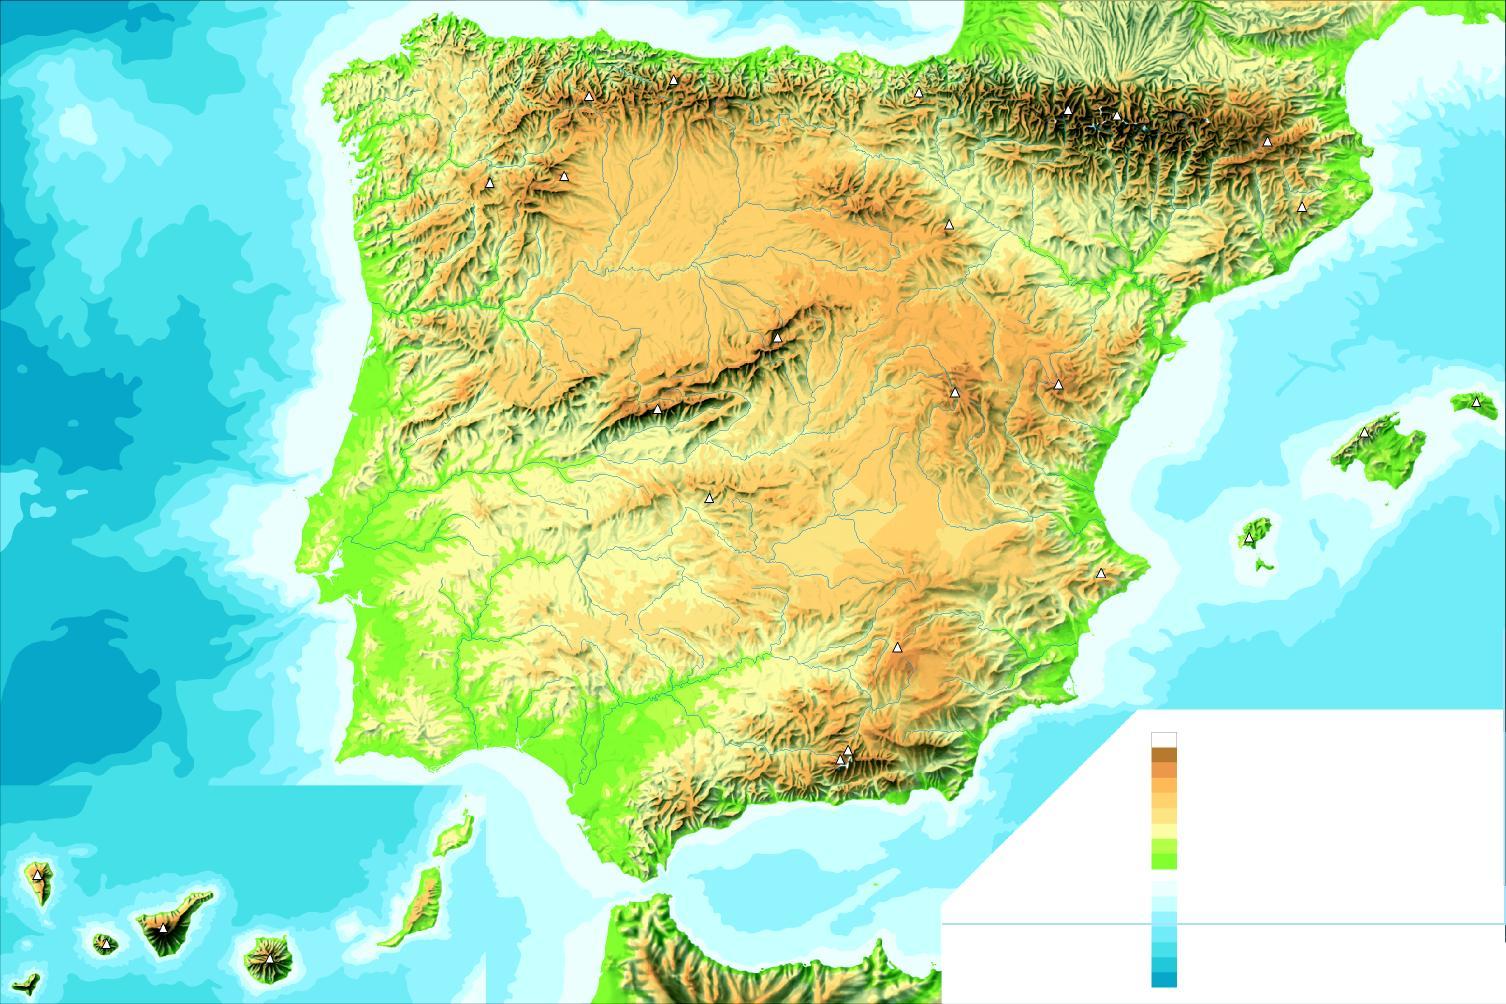 http://3.bp.blogspot.com/-P6arq4-ZIss/TceuYO7wfdI/AAAAAAAAAFA/Uhreo37eHx4/s1600/Mapa-fisico-de-Espana-mudo-4092.jpeg